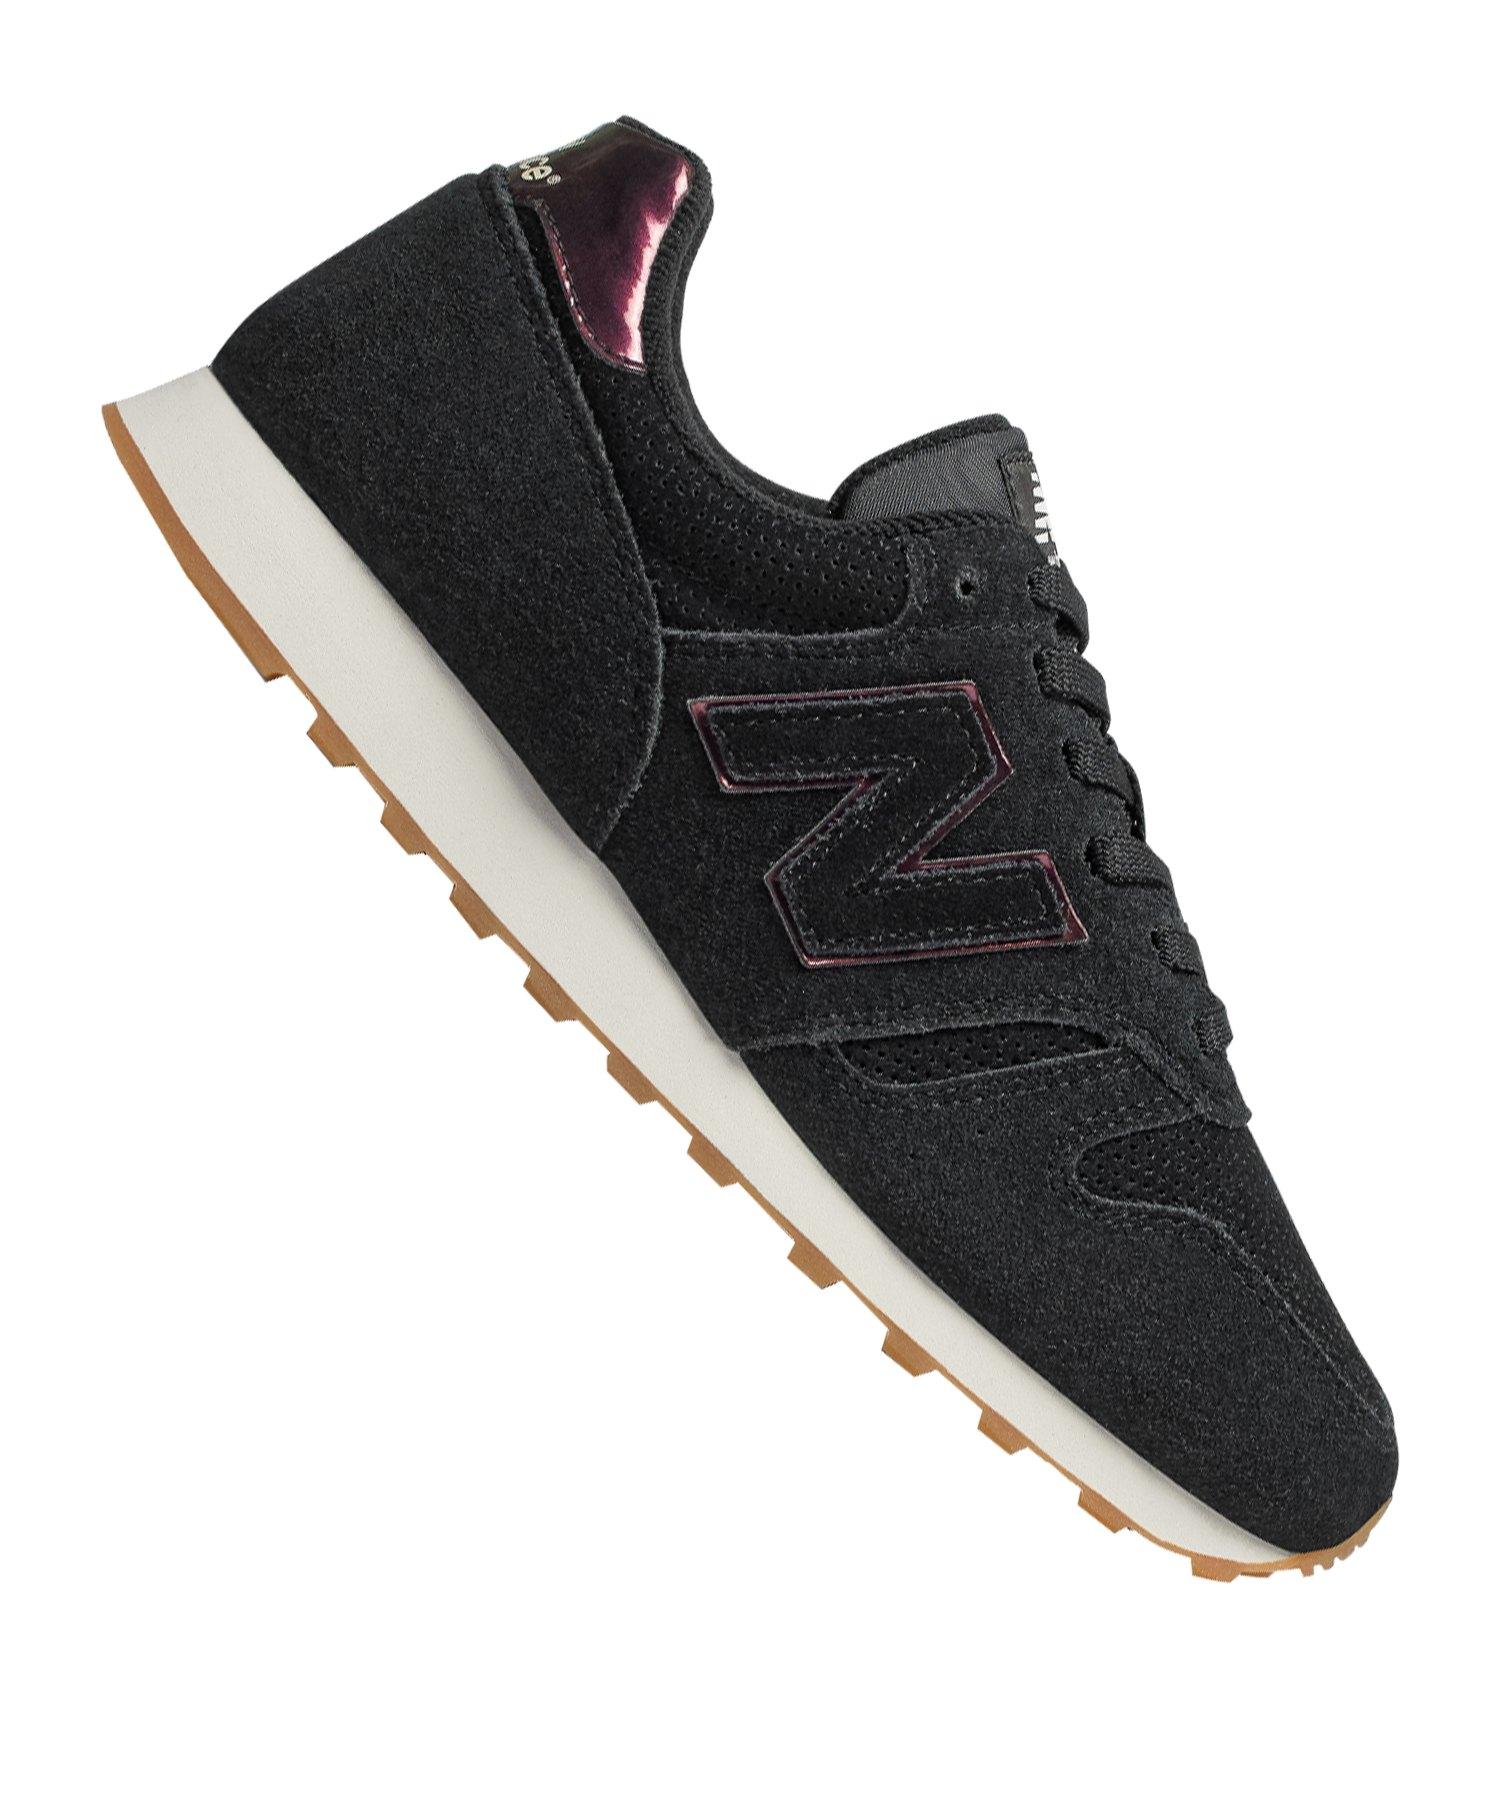 low priced c7e85 7a2c4 New Balance WL373 B Sneaker Damen Grau F08